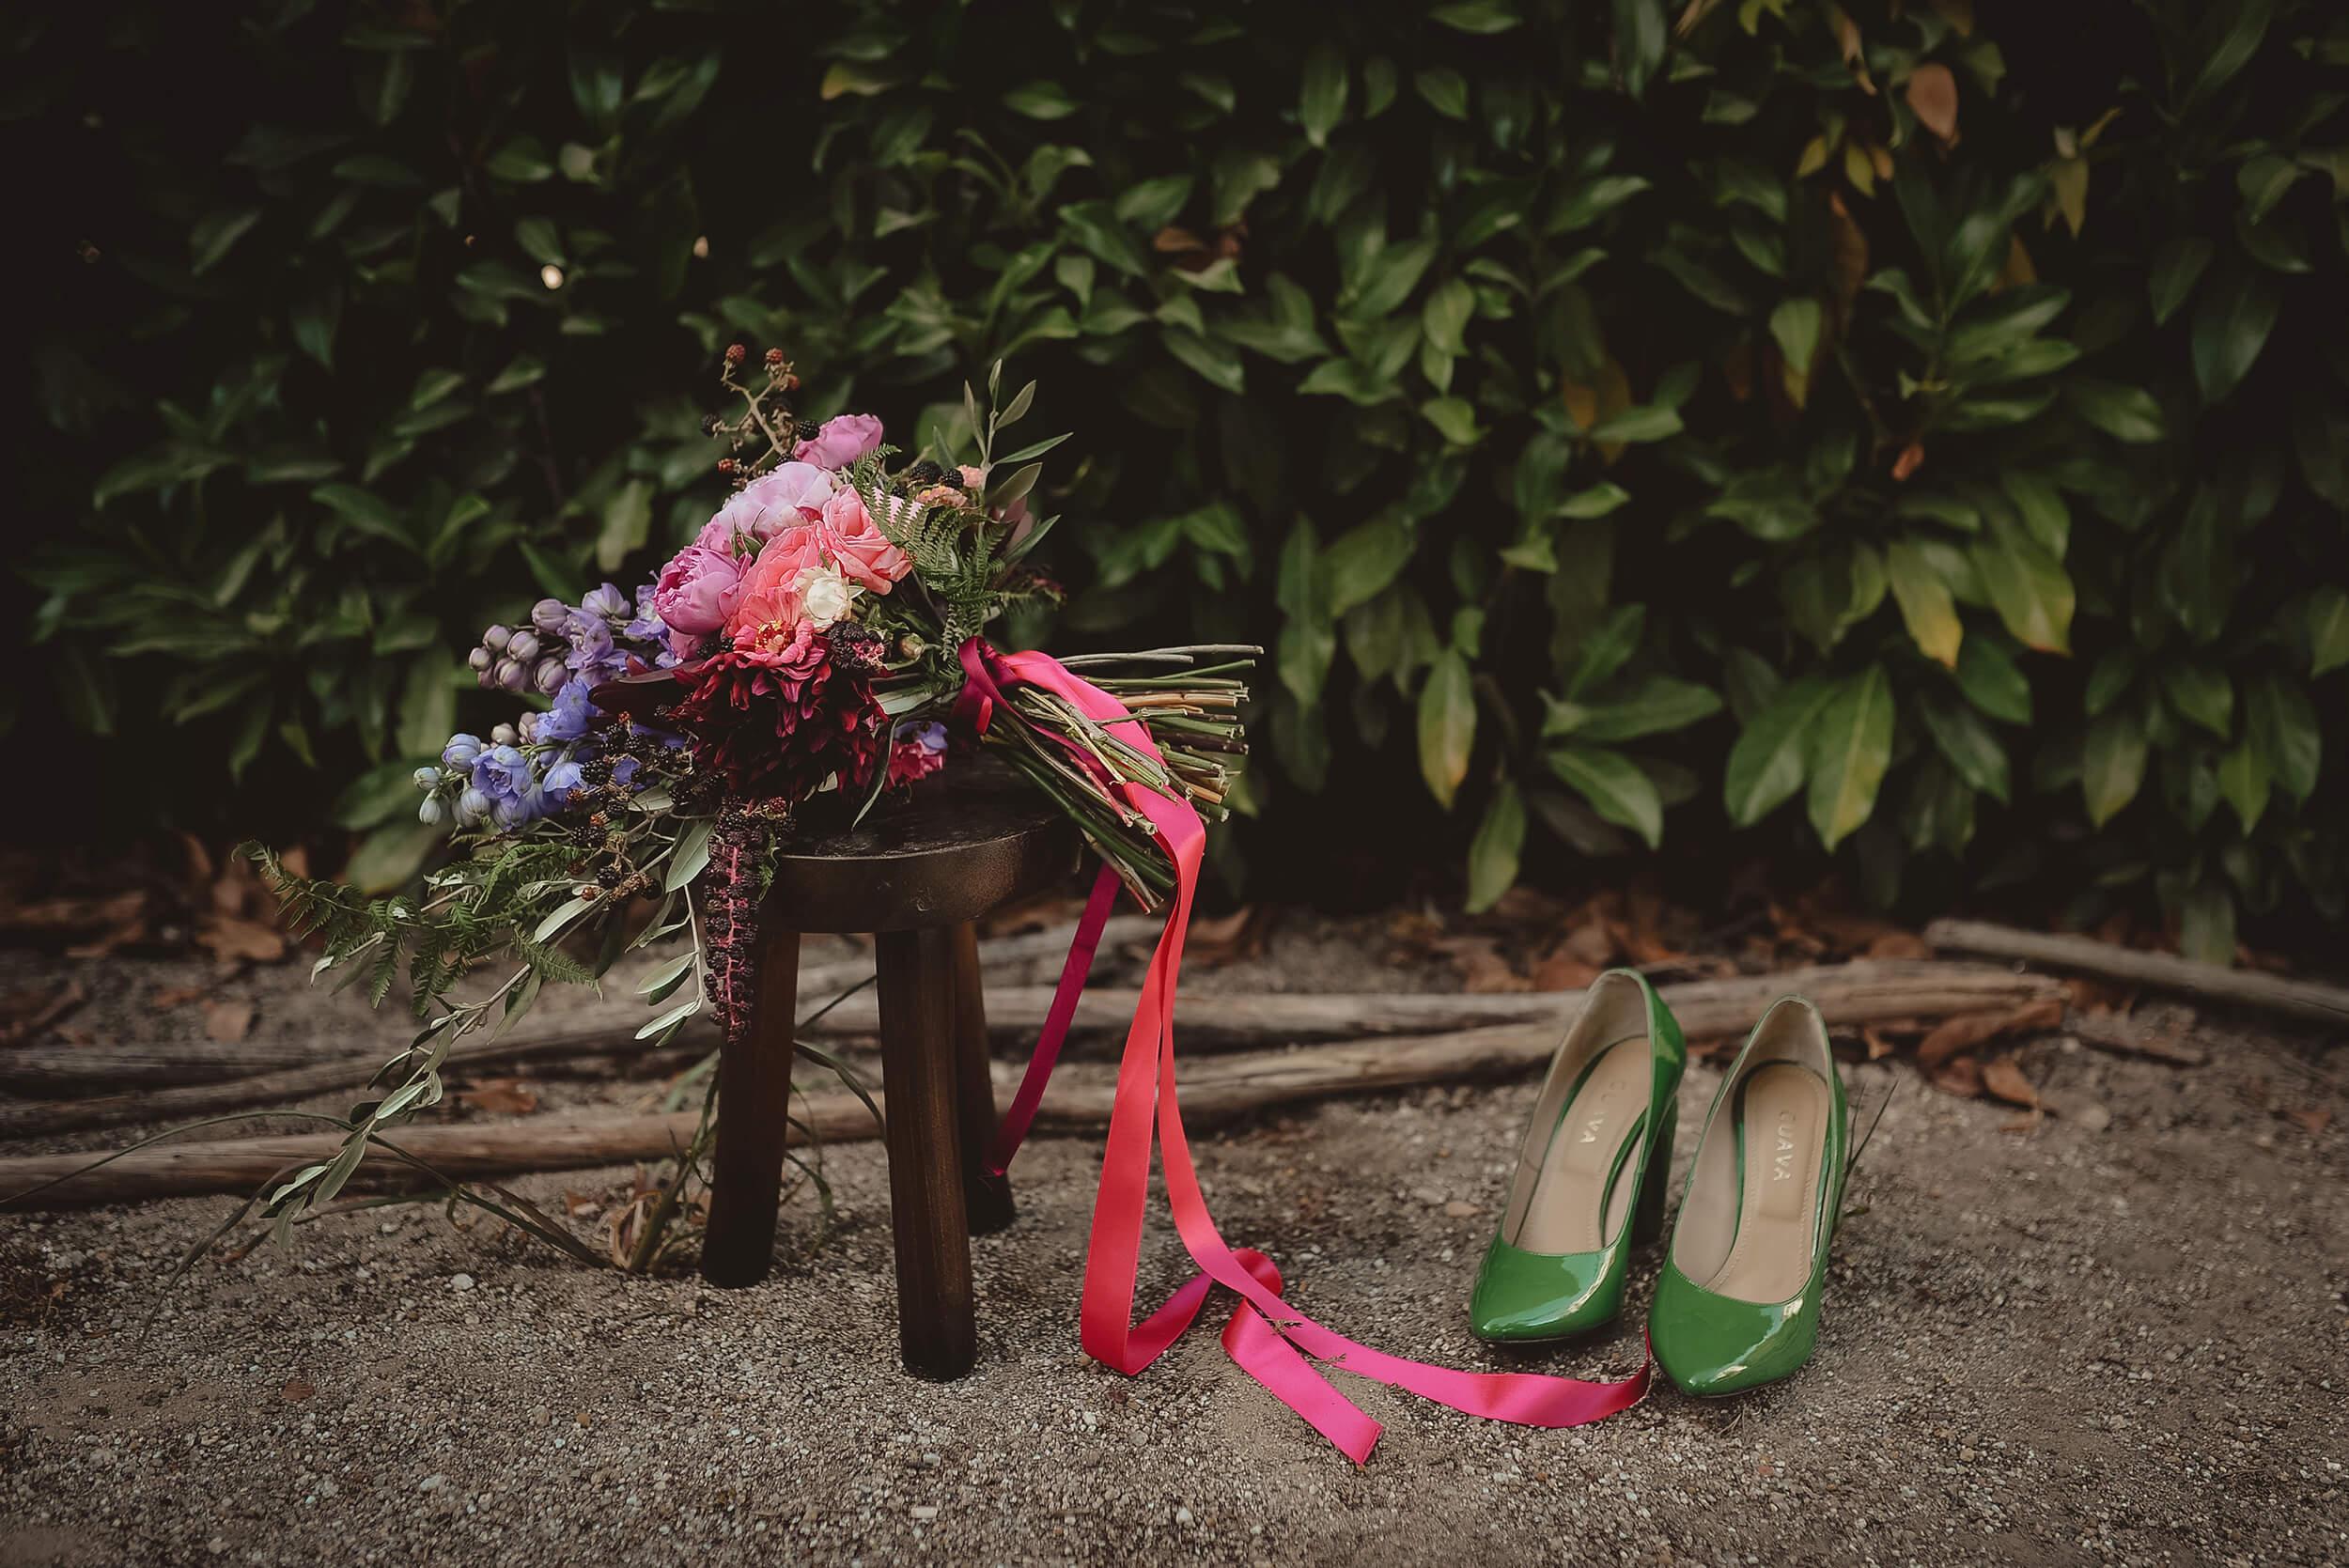 roma-organizacao-eventos-editorial-casamento-colorful-wedding-35